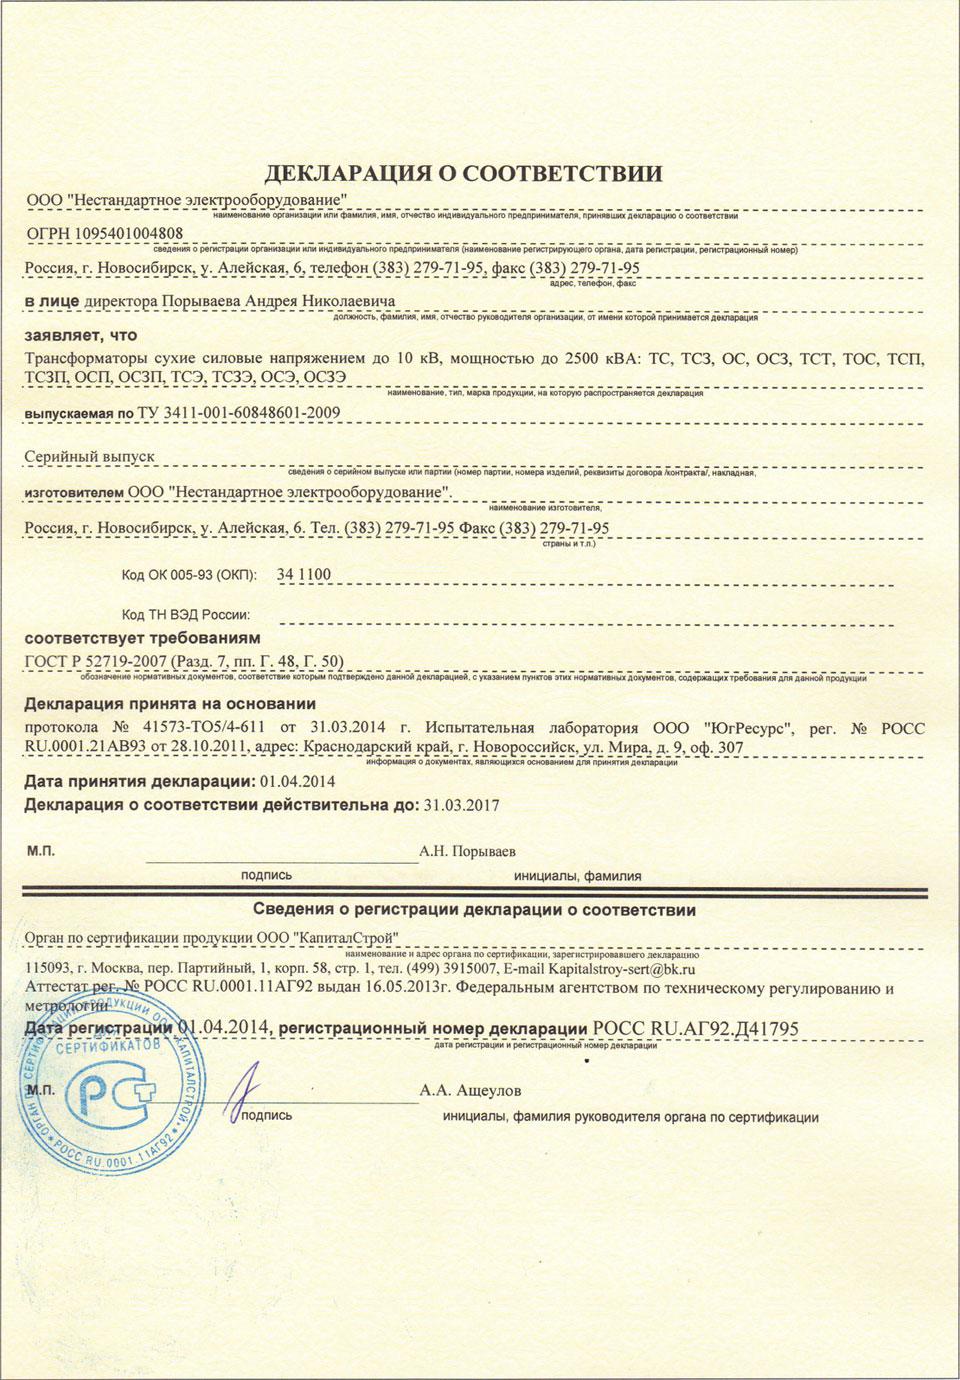 Декларация о соответствии. Трансформаторы силовые сухие однофазные и трехфазные